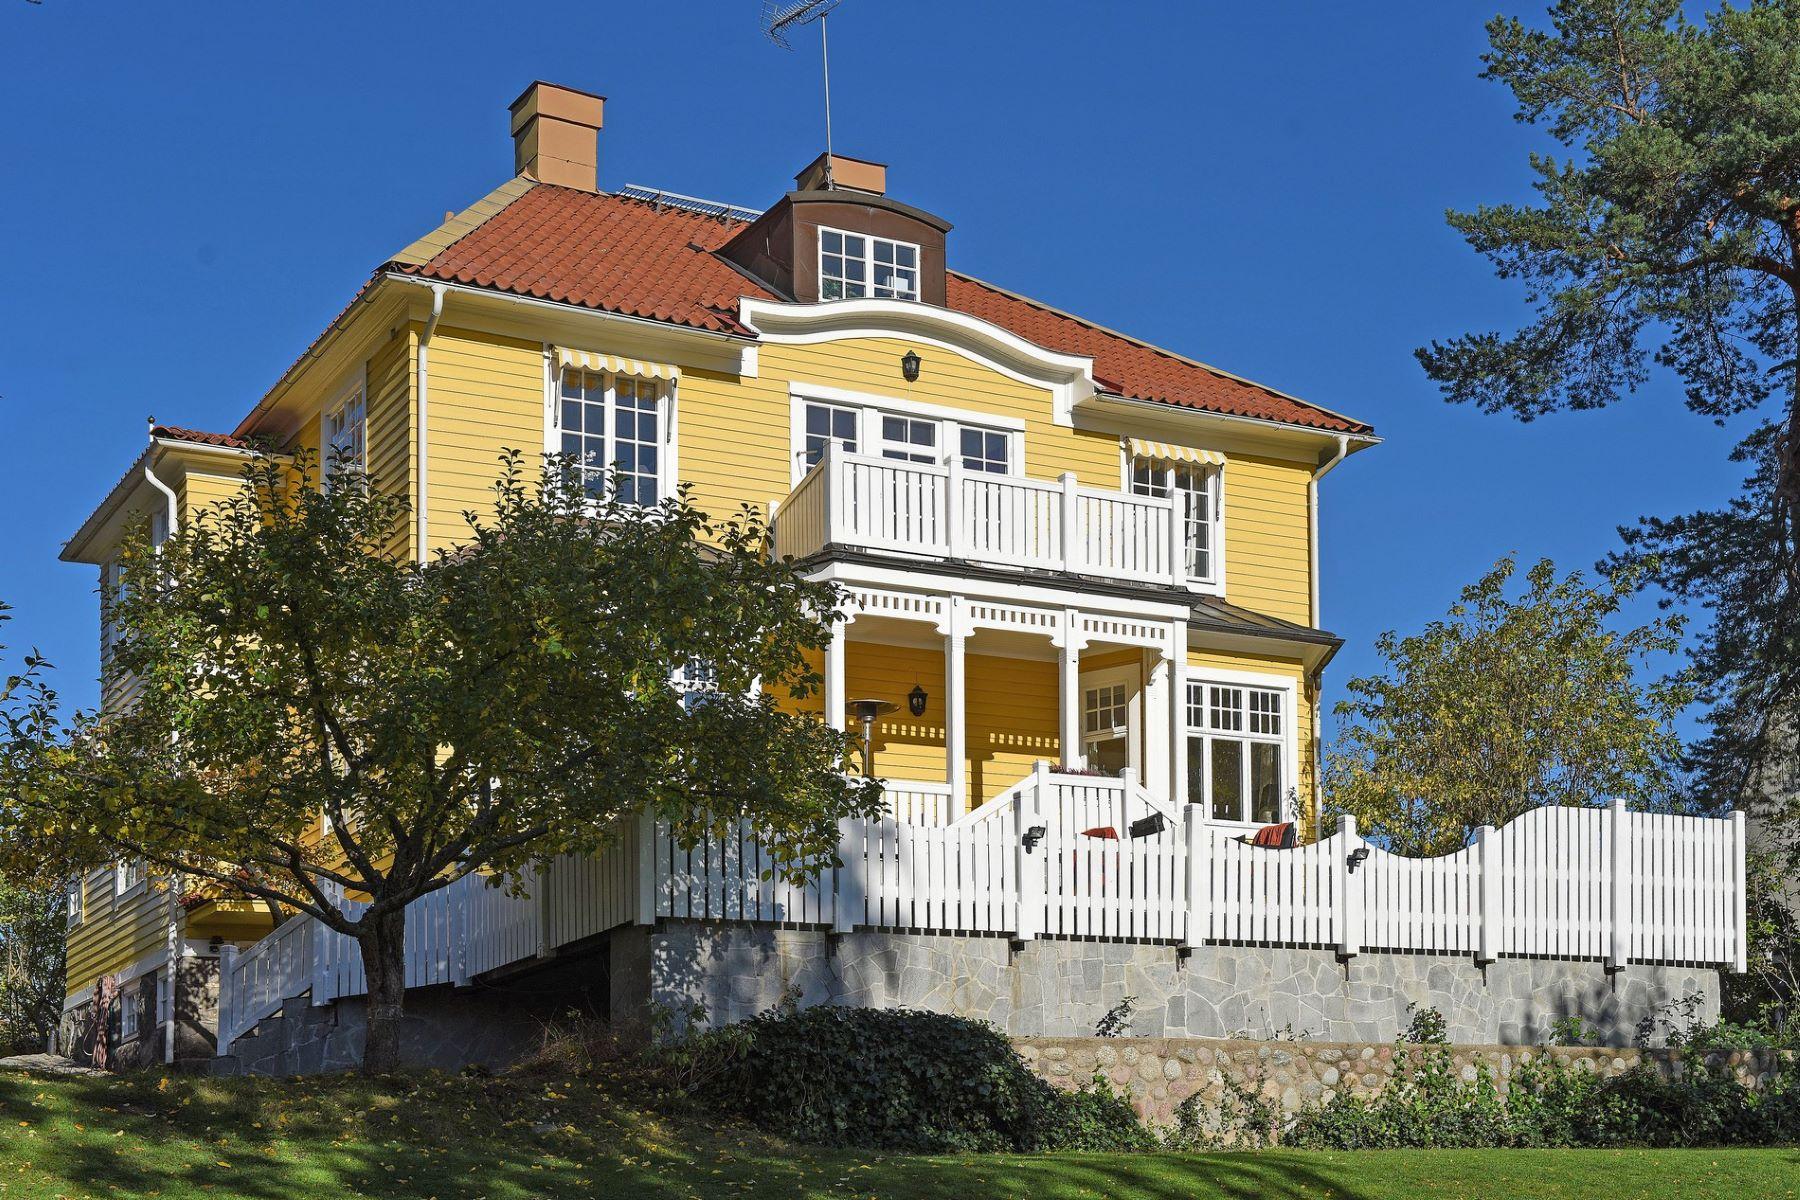 Single Family Home for Sale at Vendevägen 12 Lidingo, Stockholm, 181 31 Sweden